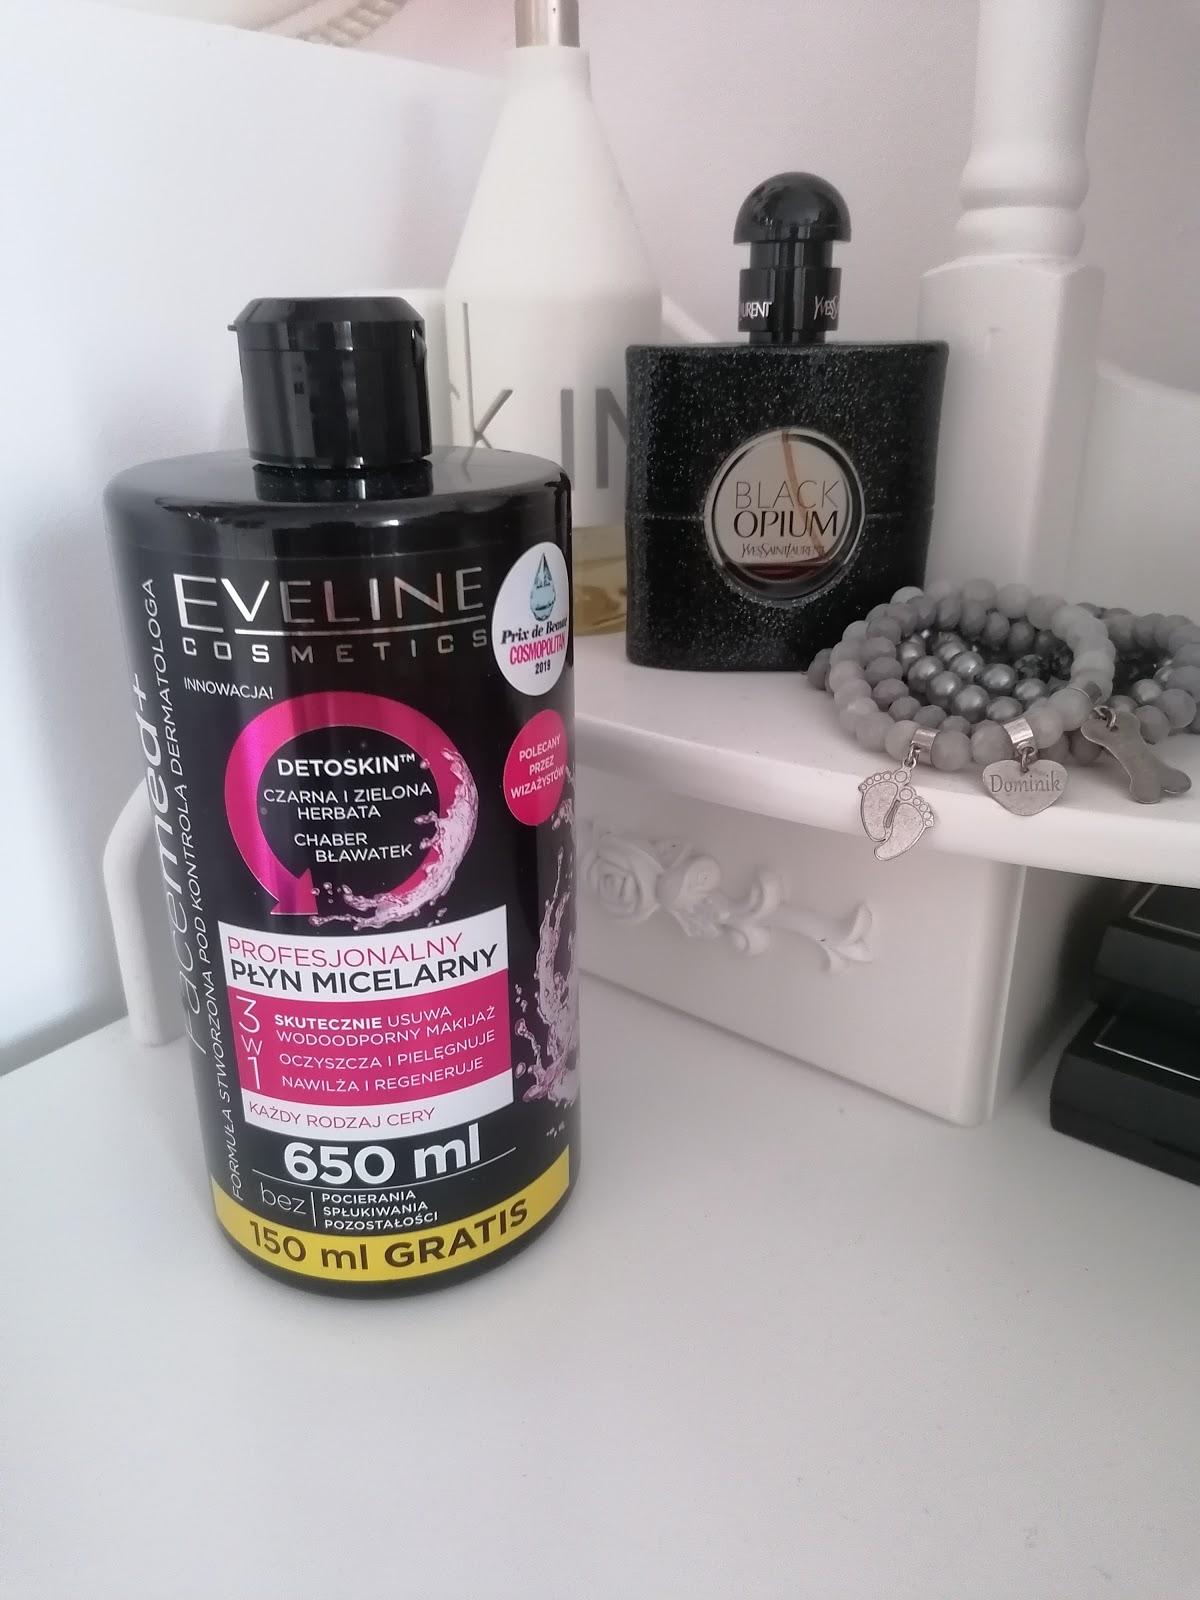 Profesjonalny płyn micelarny 3w1 - Eveline Cosmetics